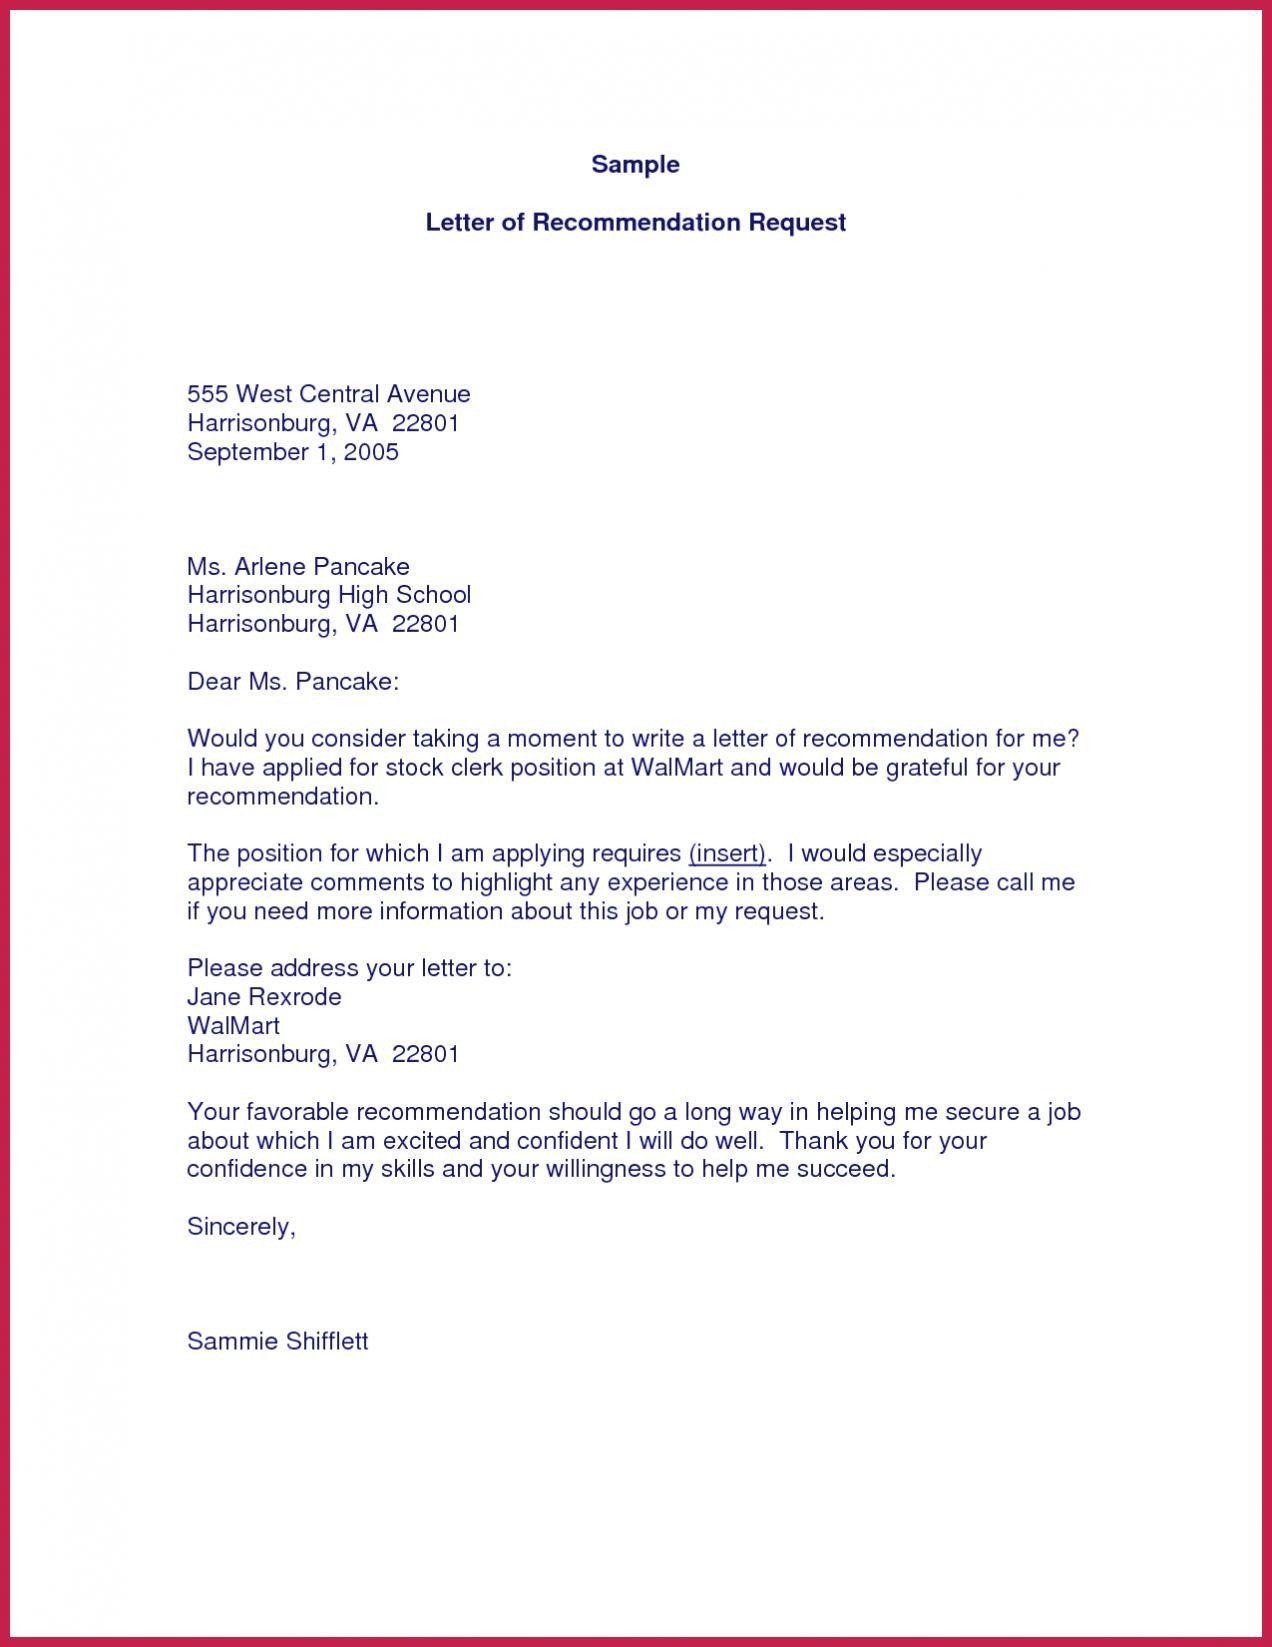 7e49f5a07164049e9168654f6236ca49 - How Long Does It Take To Get Va Decision Letter